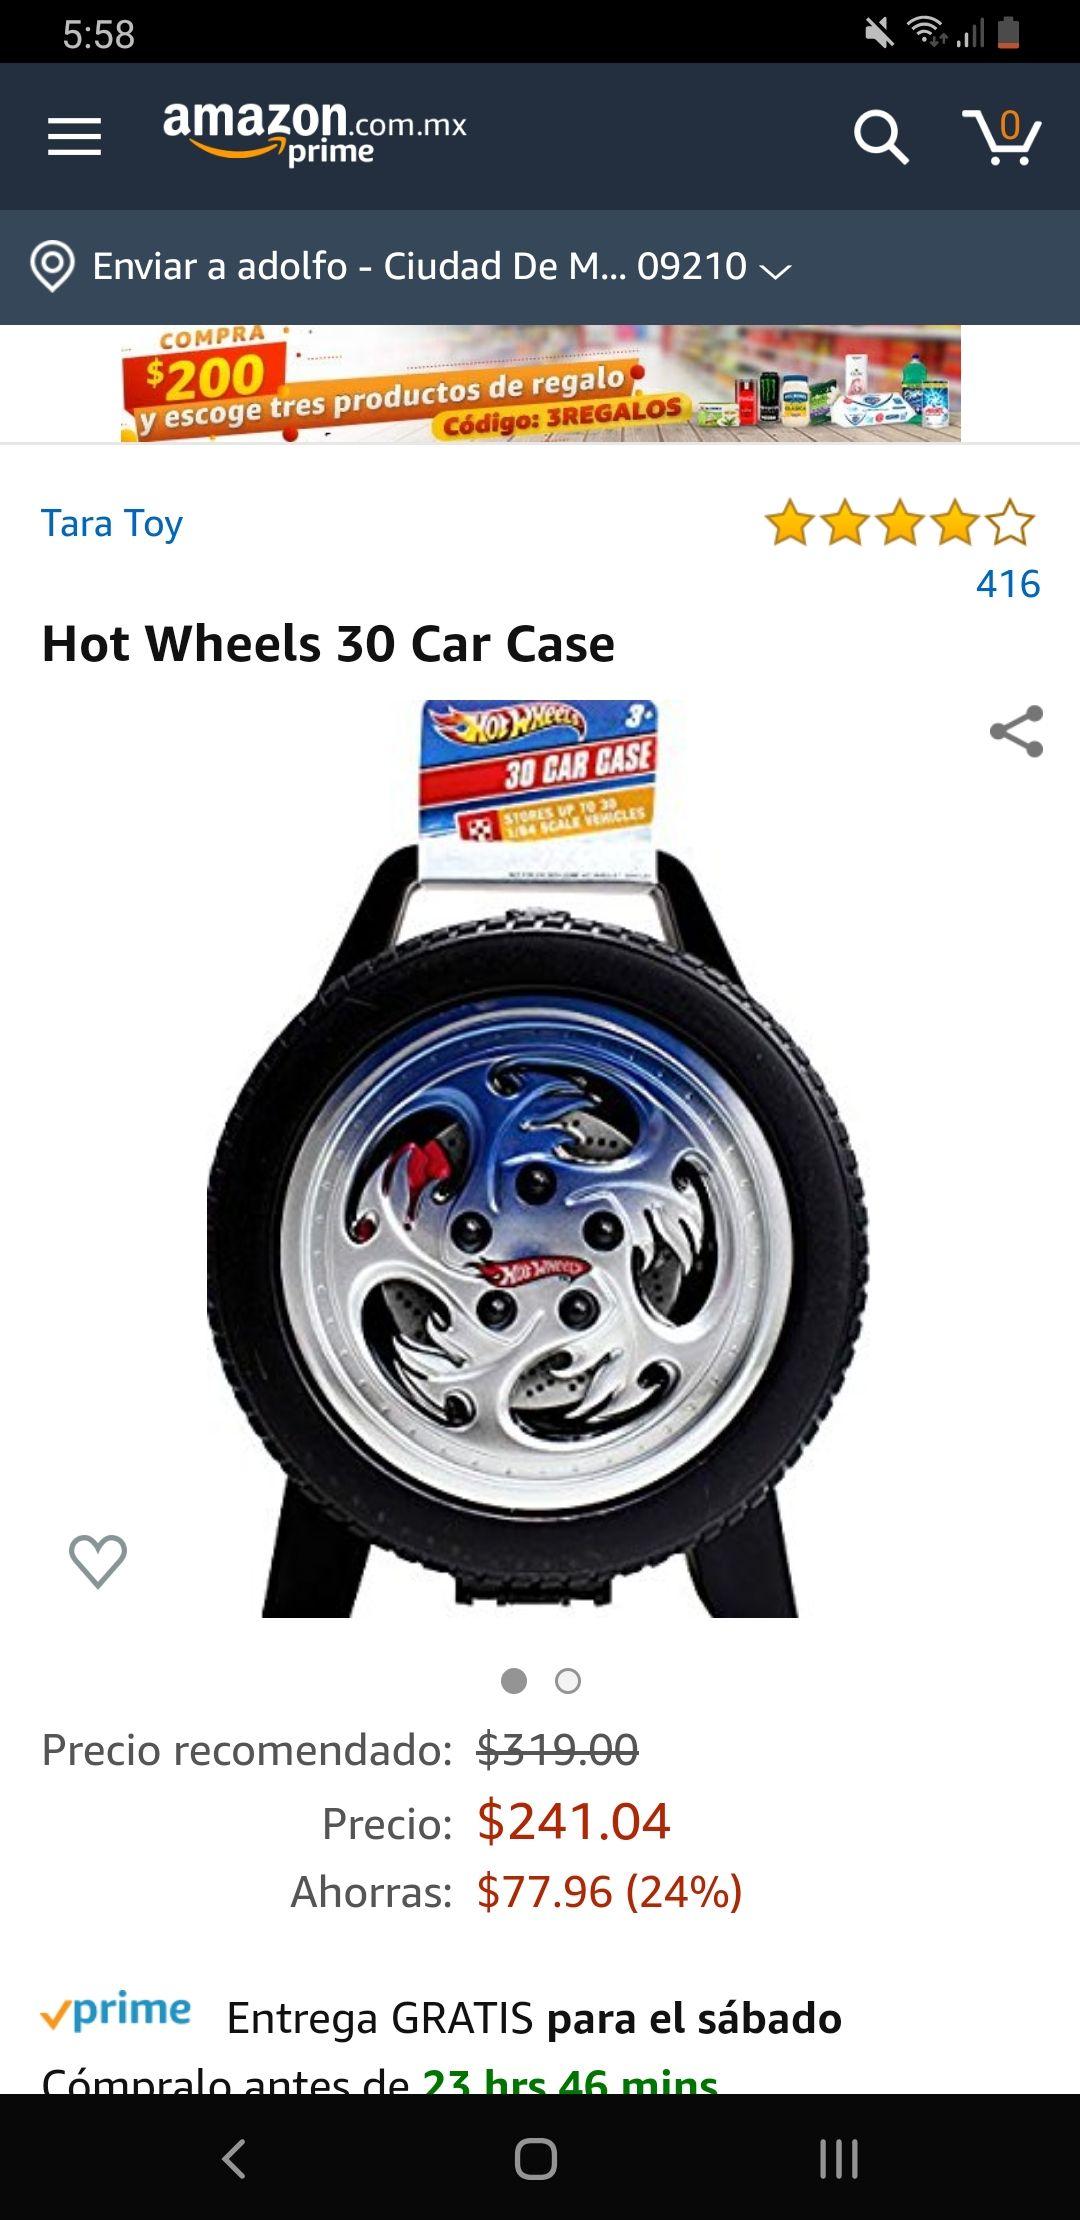 Amazon: Set de almacenamiento 30 carros hot wheels